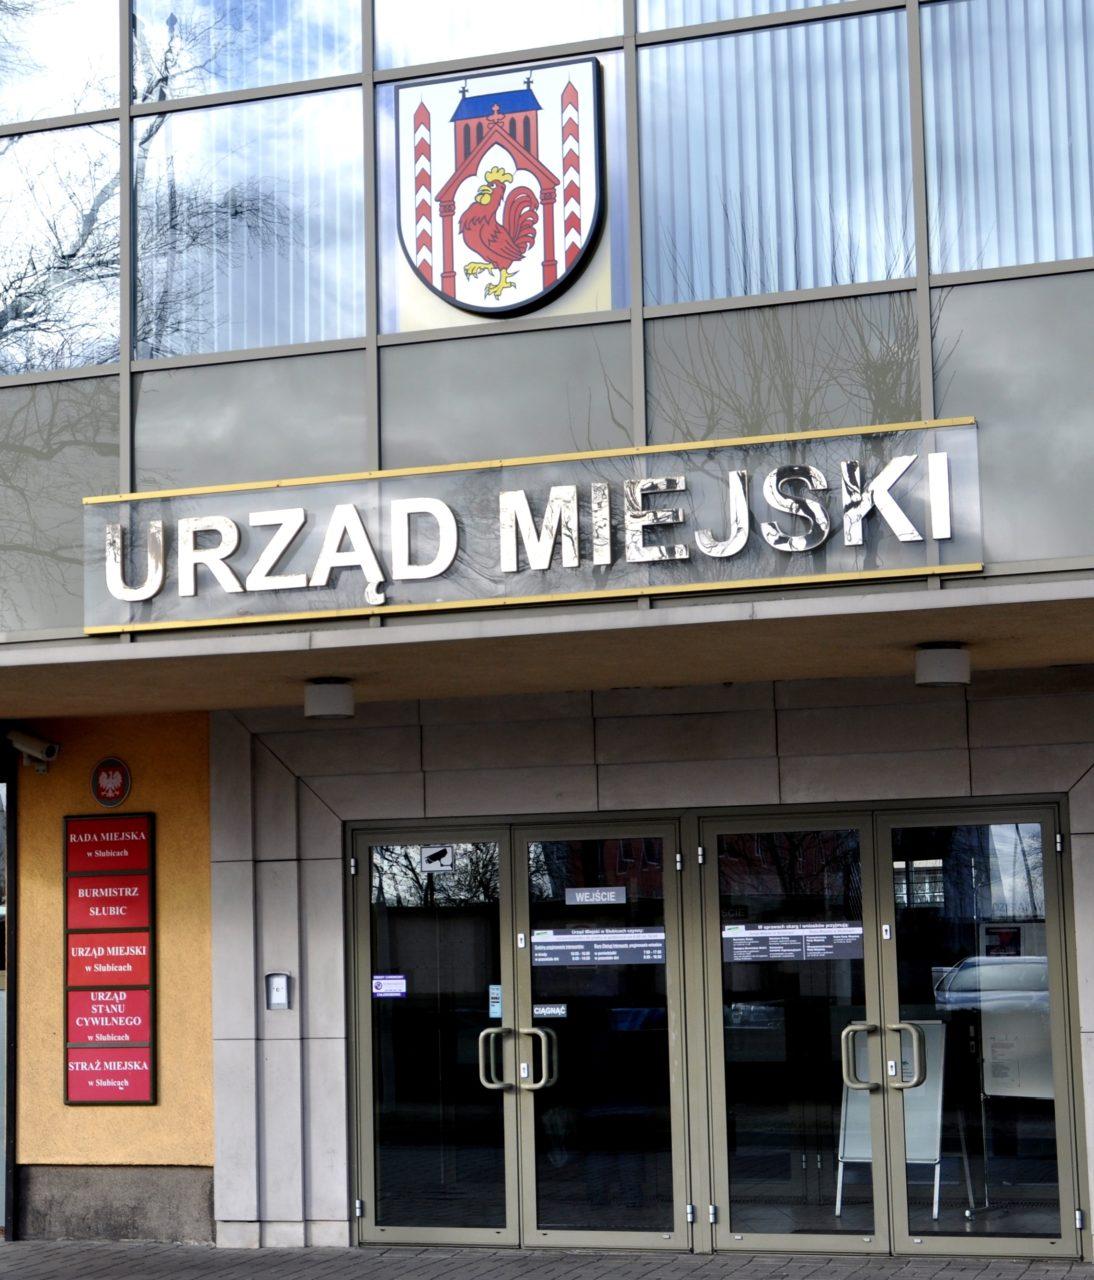 Od 1 września Urząd Miejski w Słubicach czynny od 8:00 do 16:00